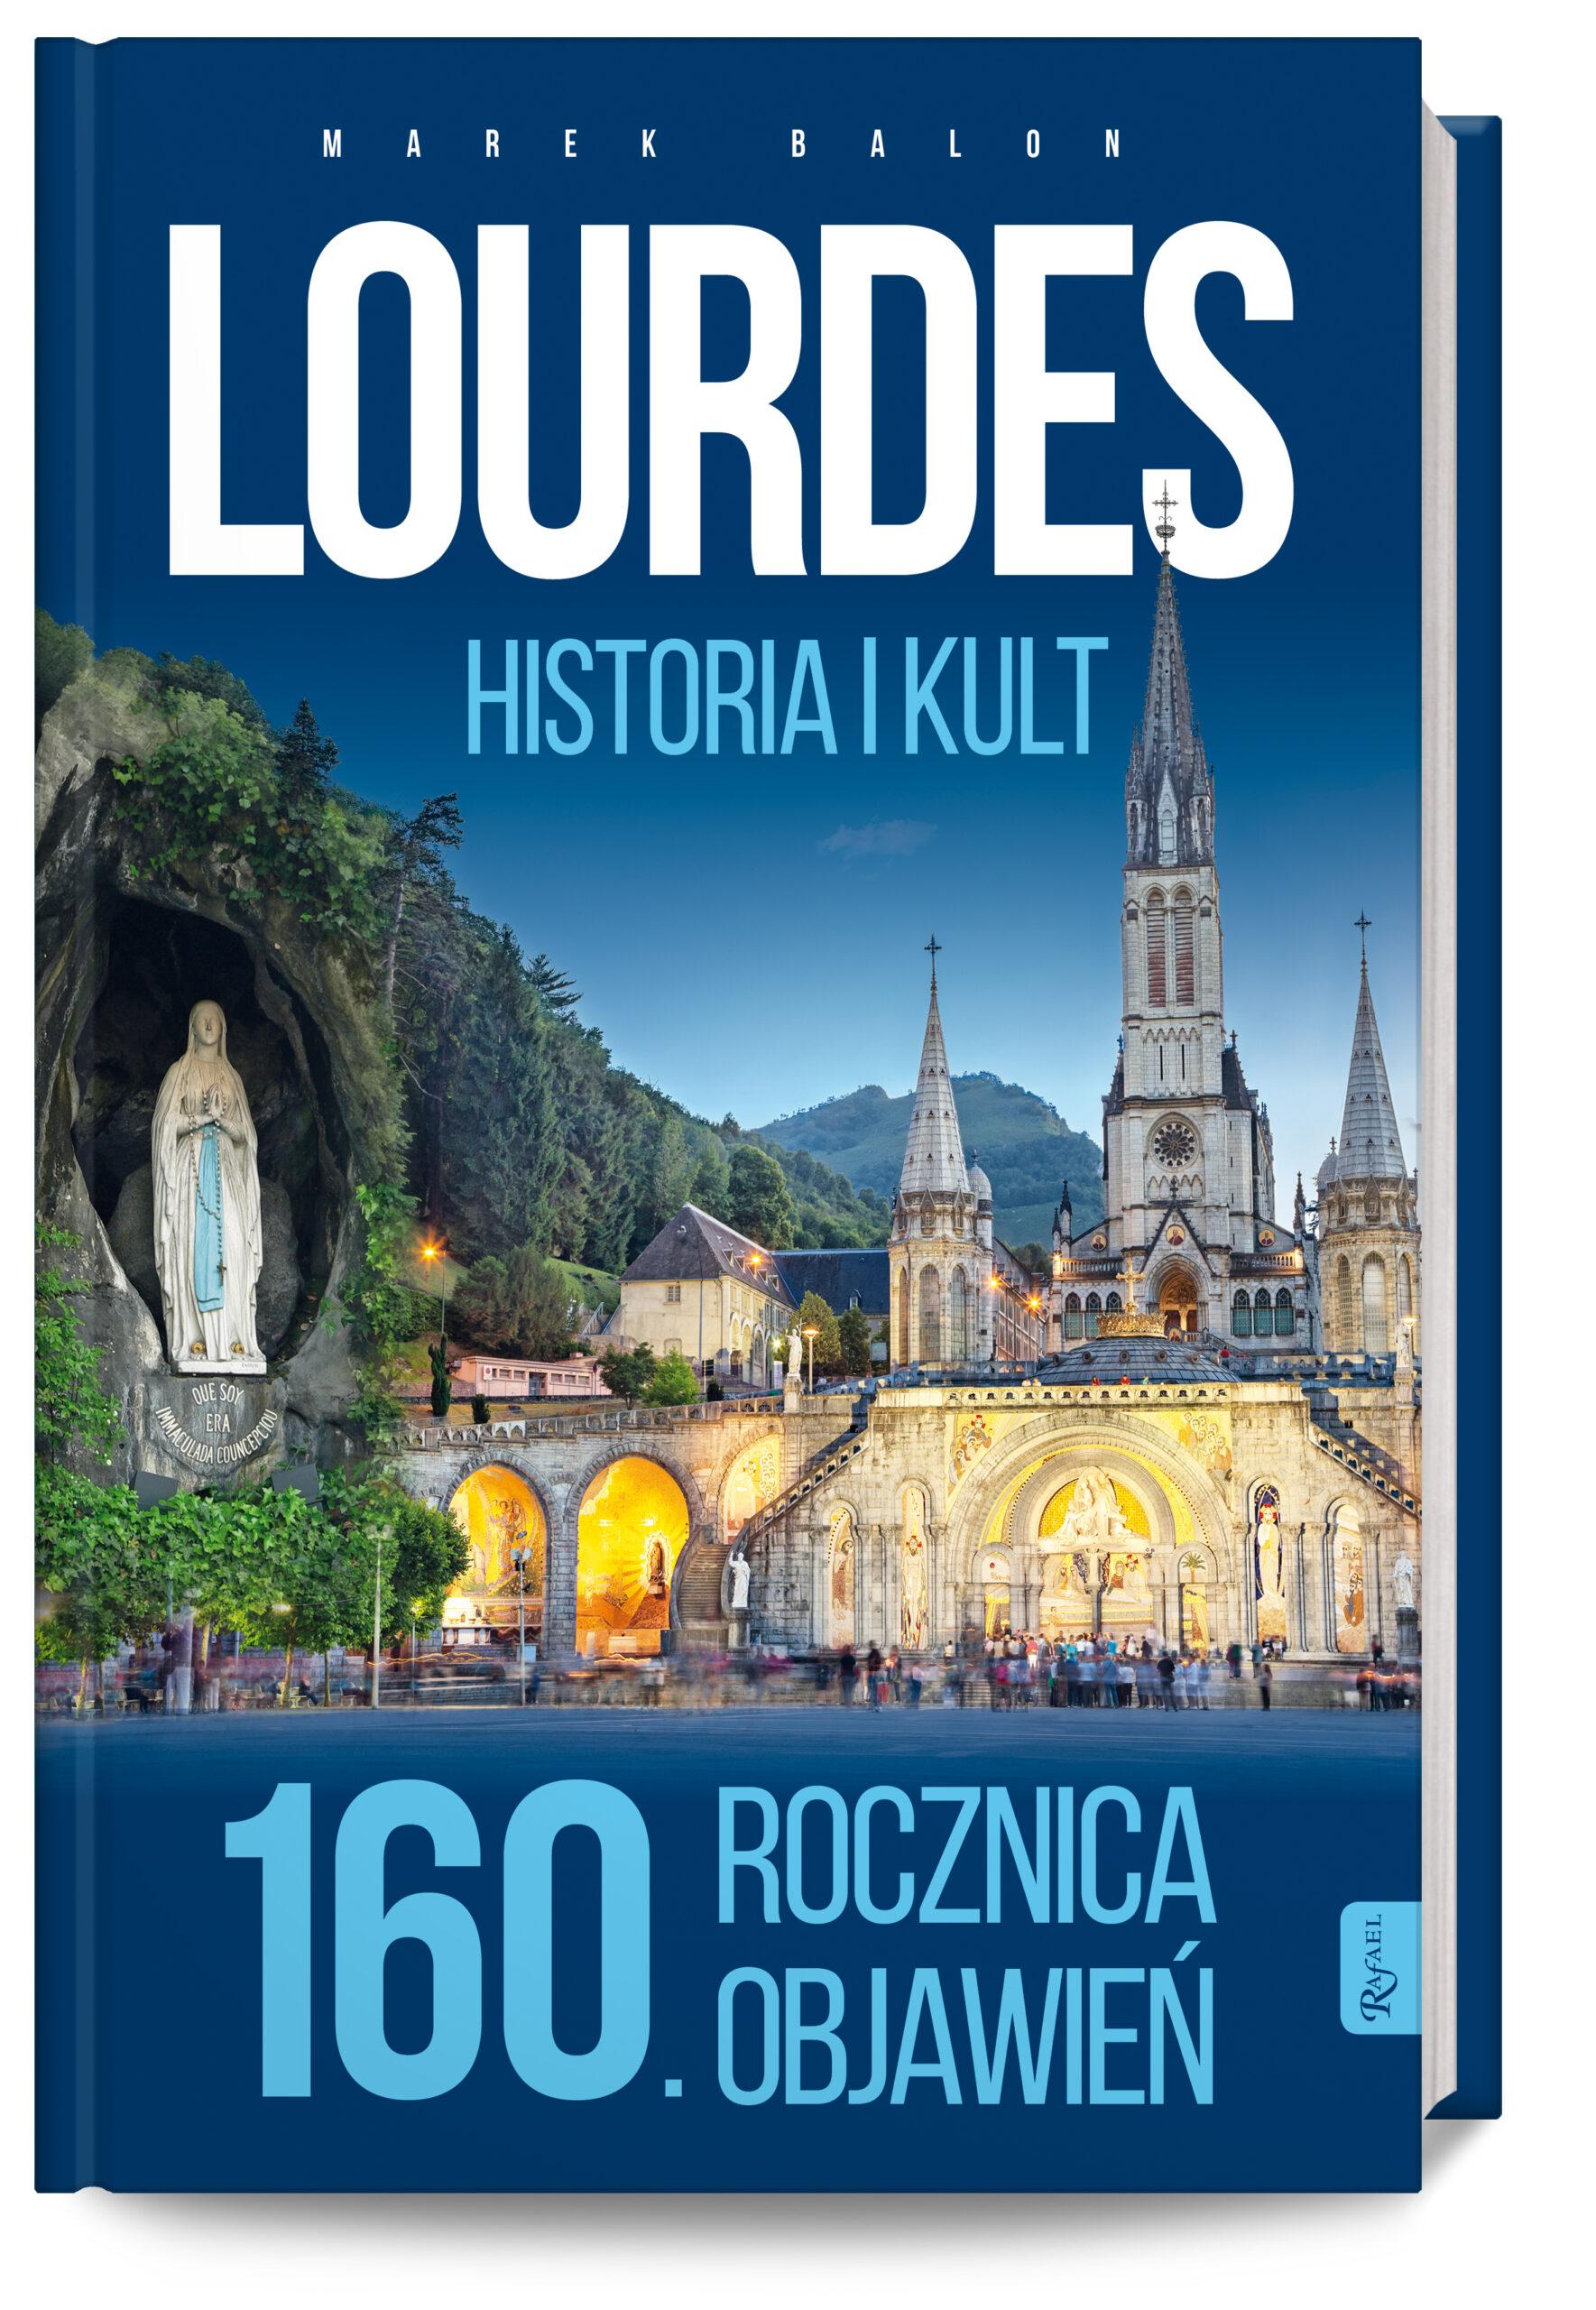 Lourdes, historia i kult. 160. rocznica objawień + film DVD Bernadetta